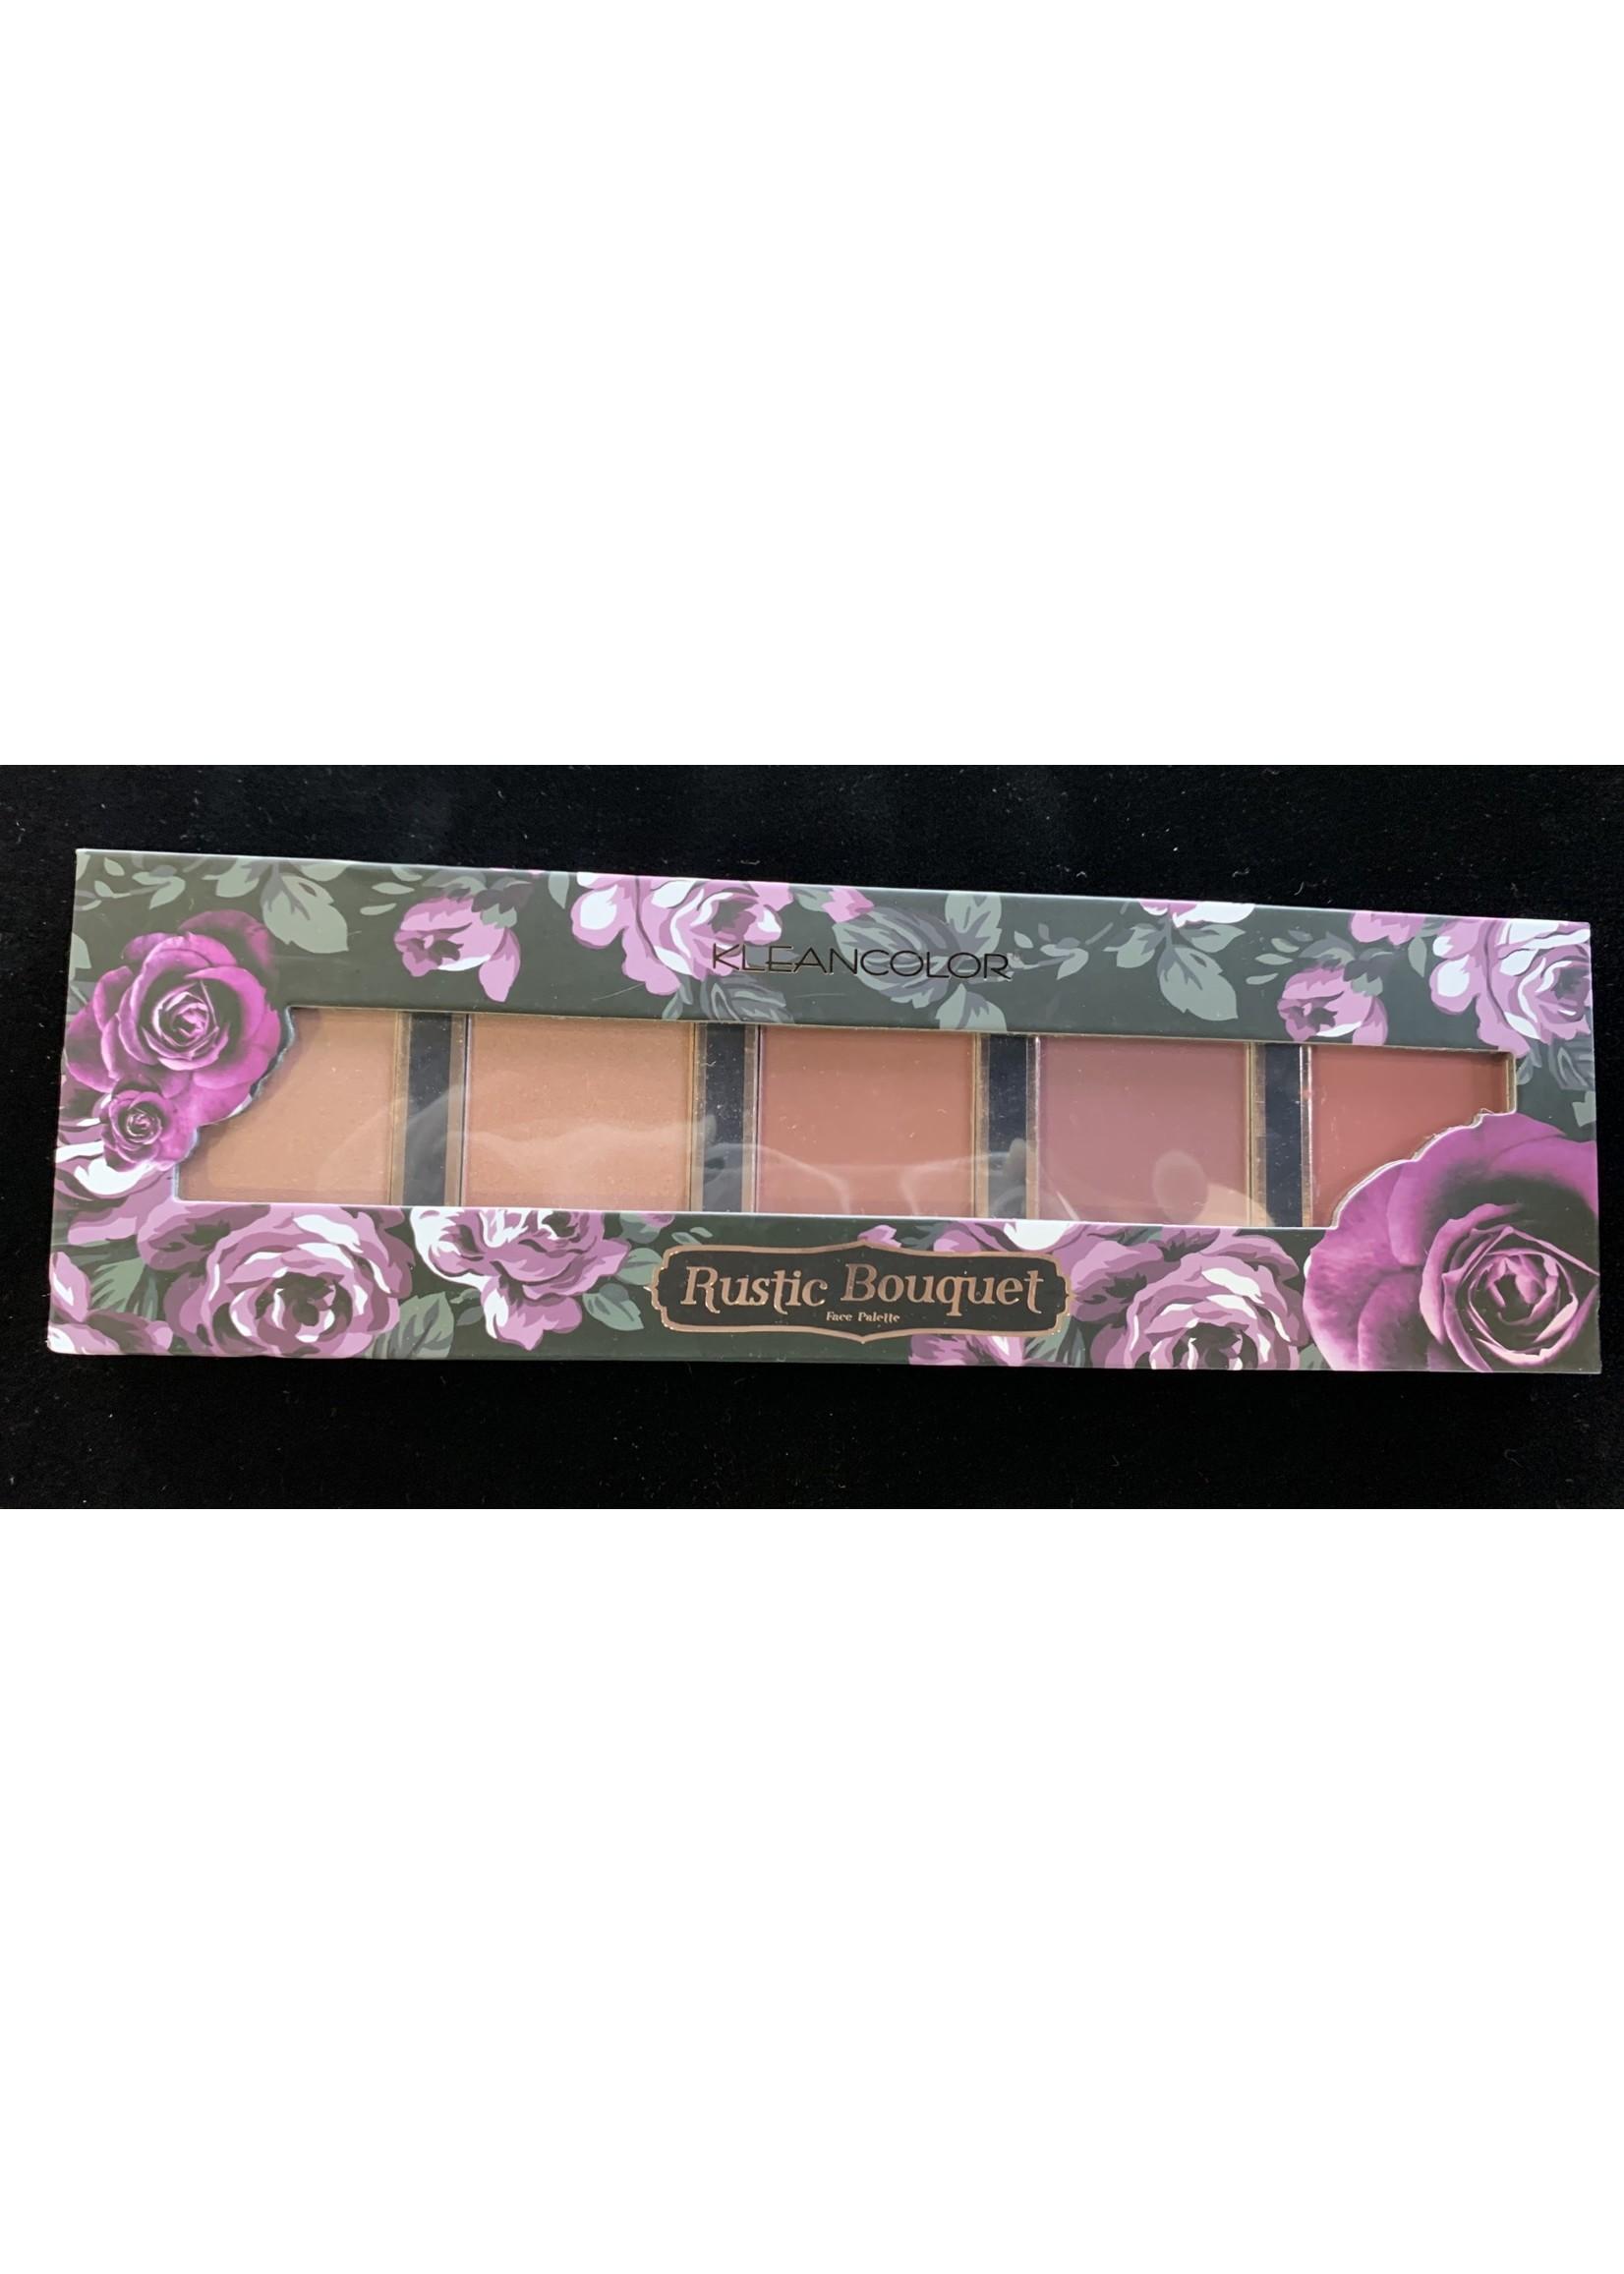 Kleancolor Rustic Bouquet Blush Palette